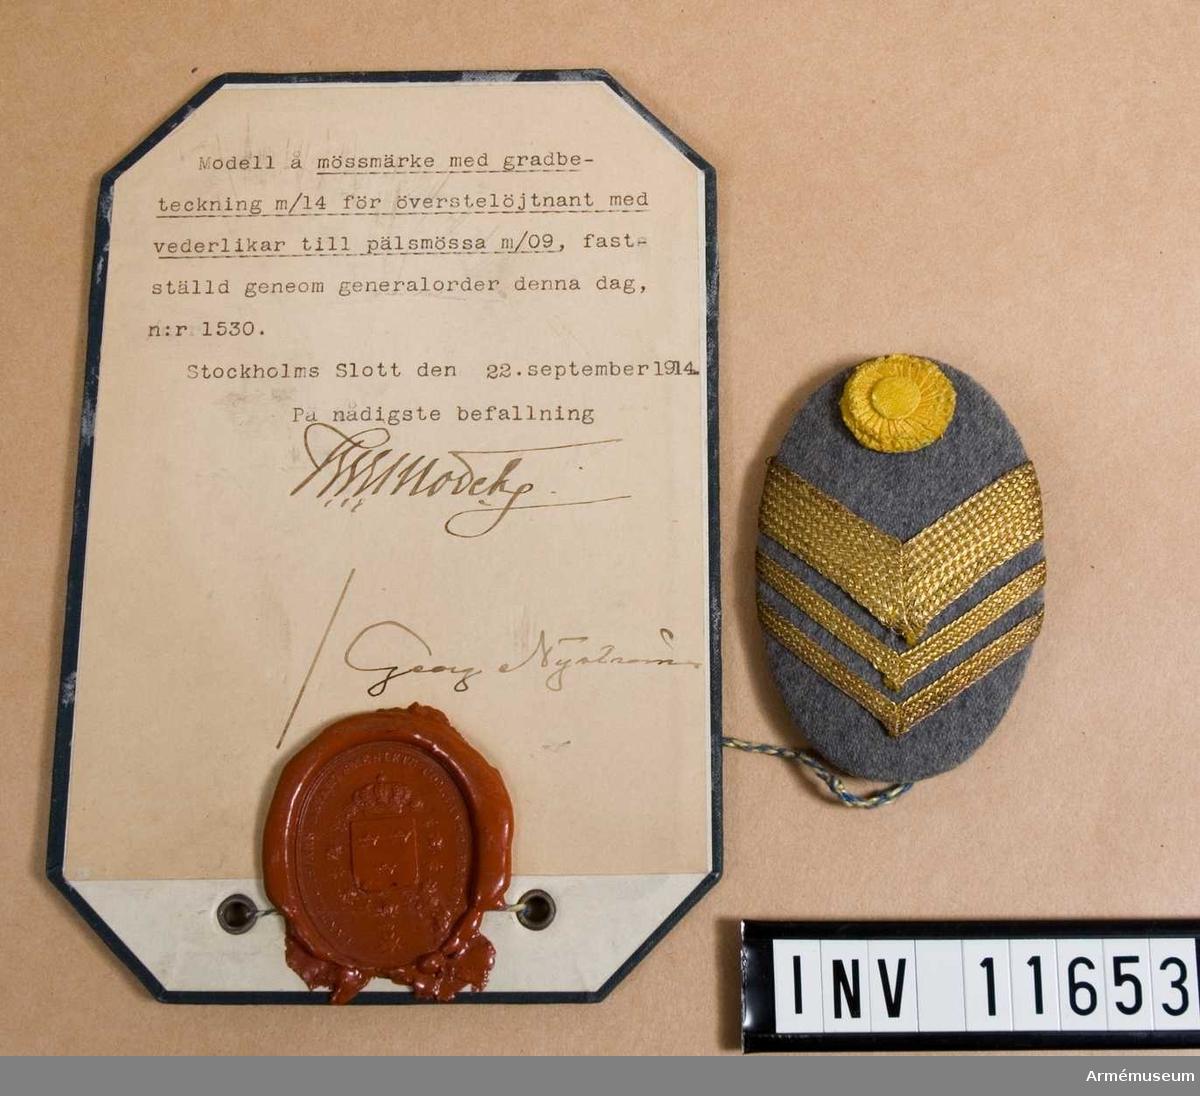 Grupp C I. Deposition från Arméförvaltningens intendenturförvaltning modellkammaren. Modell på mössmärke med gradbeteckning m/1914 för överstelöjtnant med vederlikar till pälsmössa m/1909.